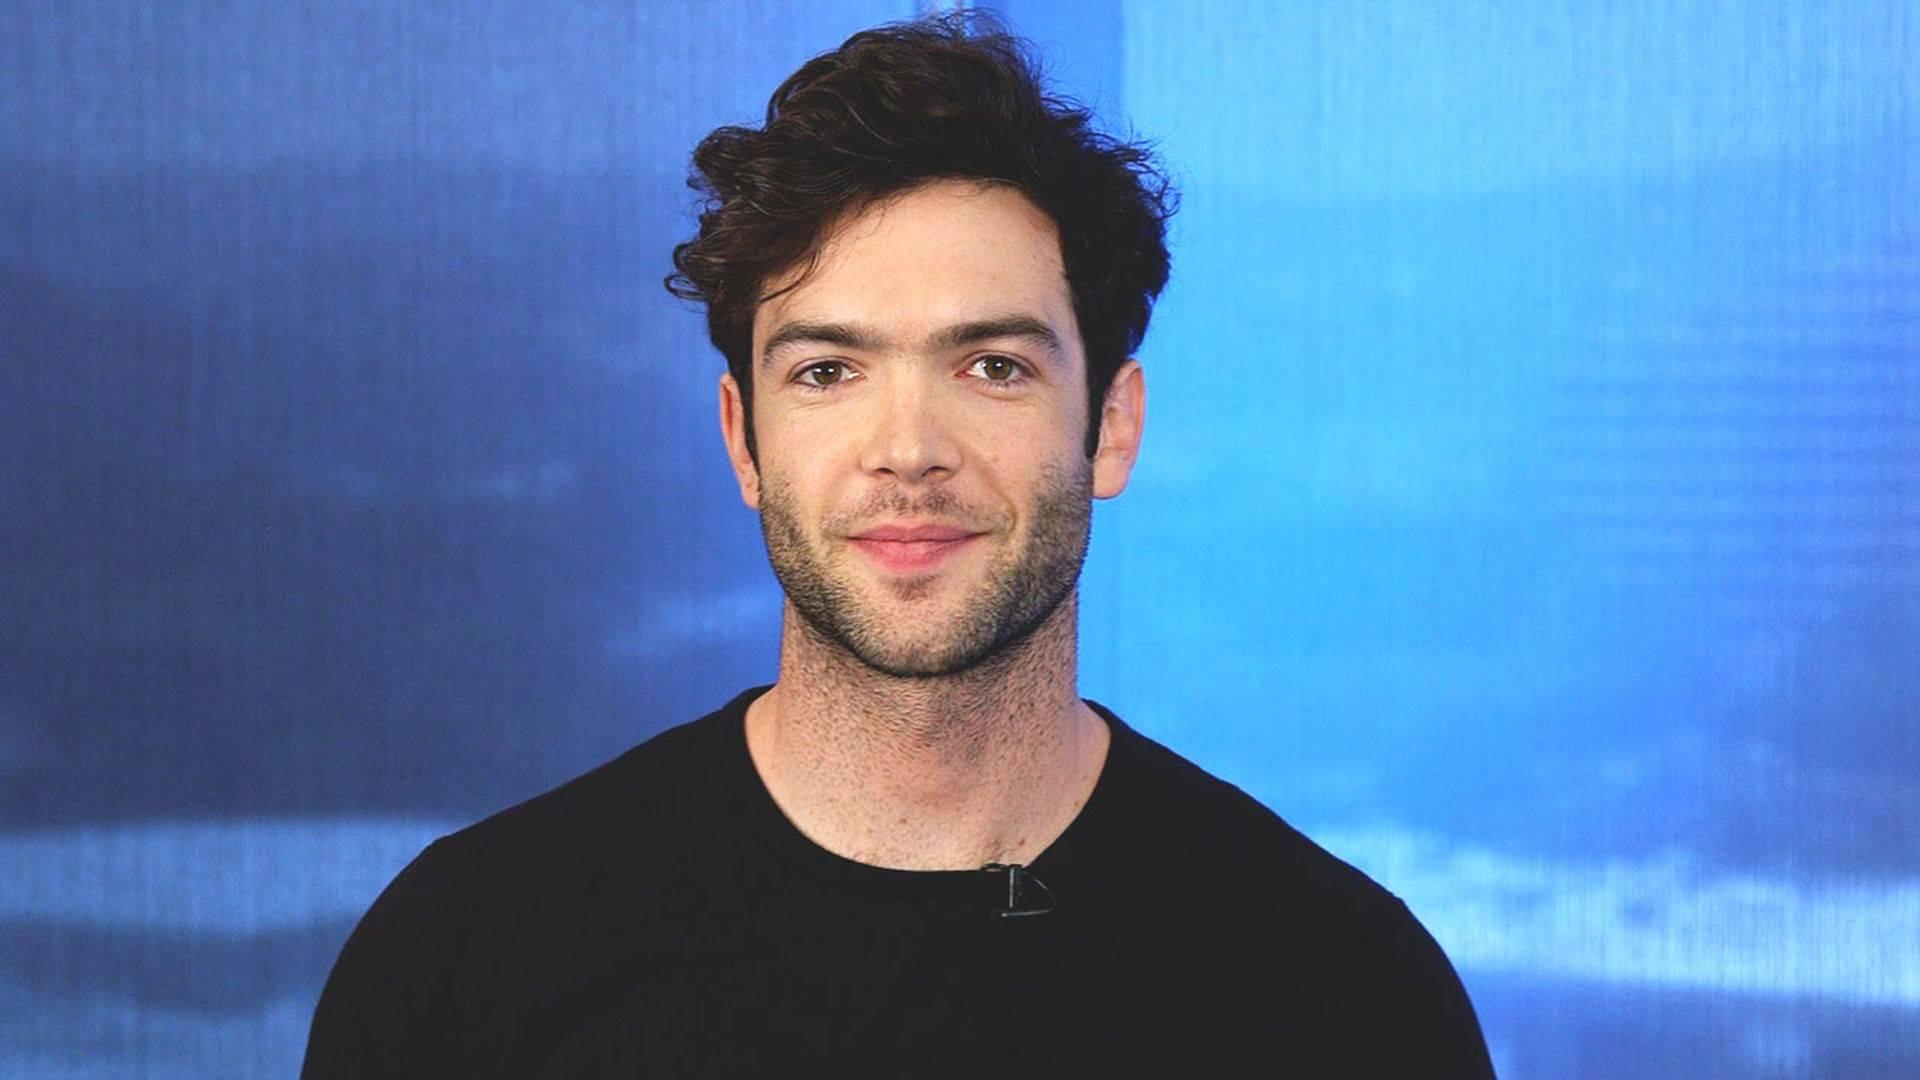 Nuevo rostro para Spock, Ethan Peck lo interpretará en Star Trek: Discovery